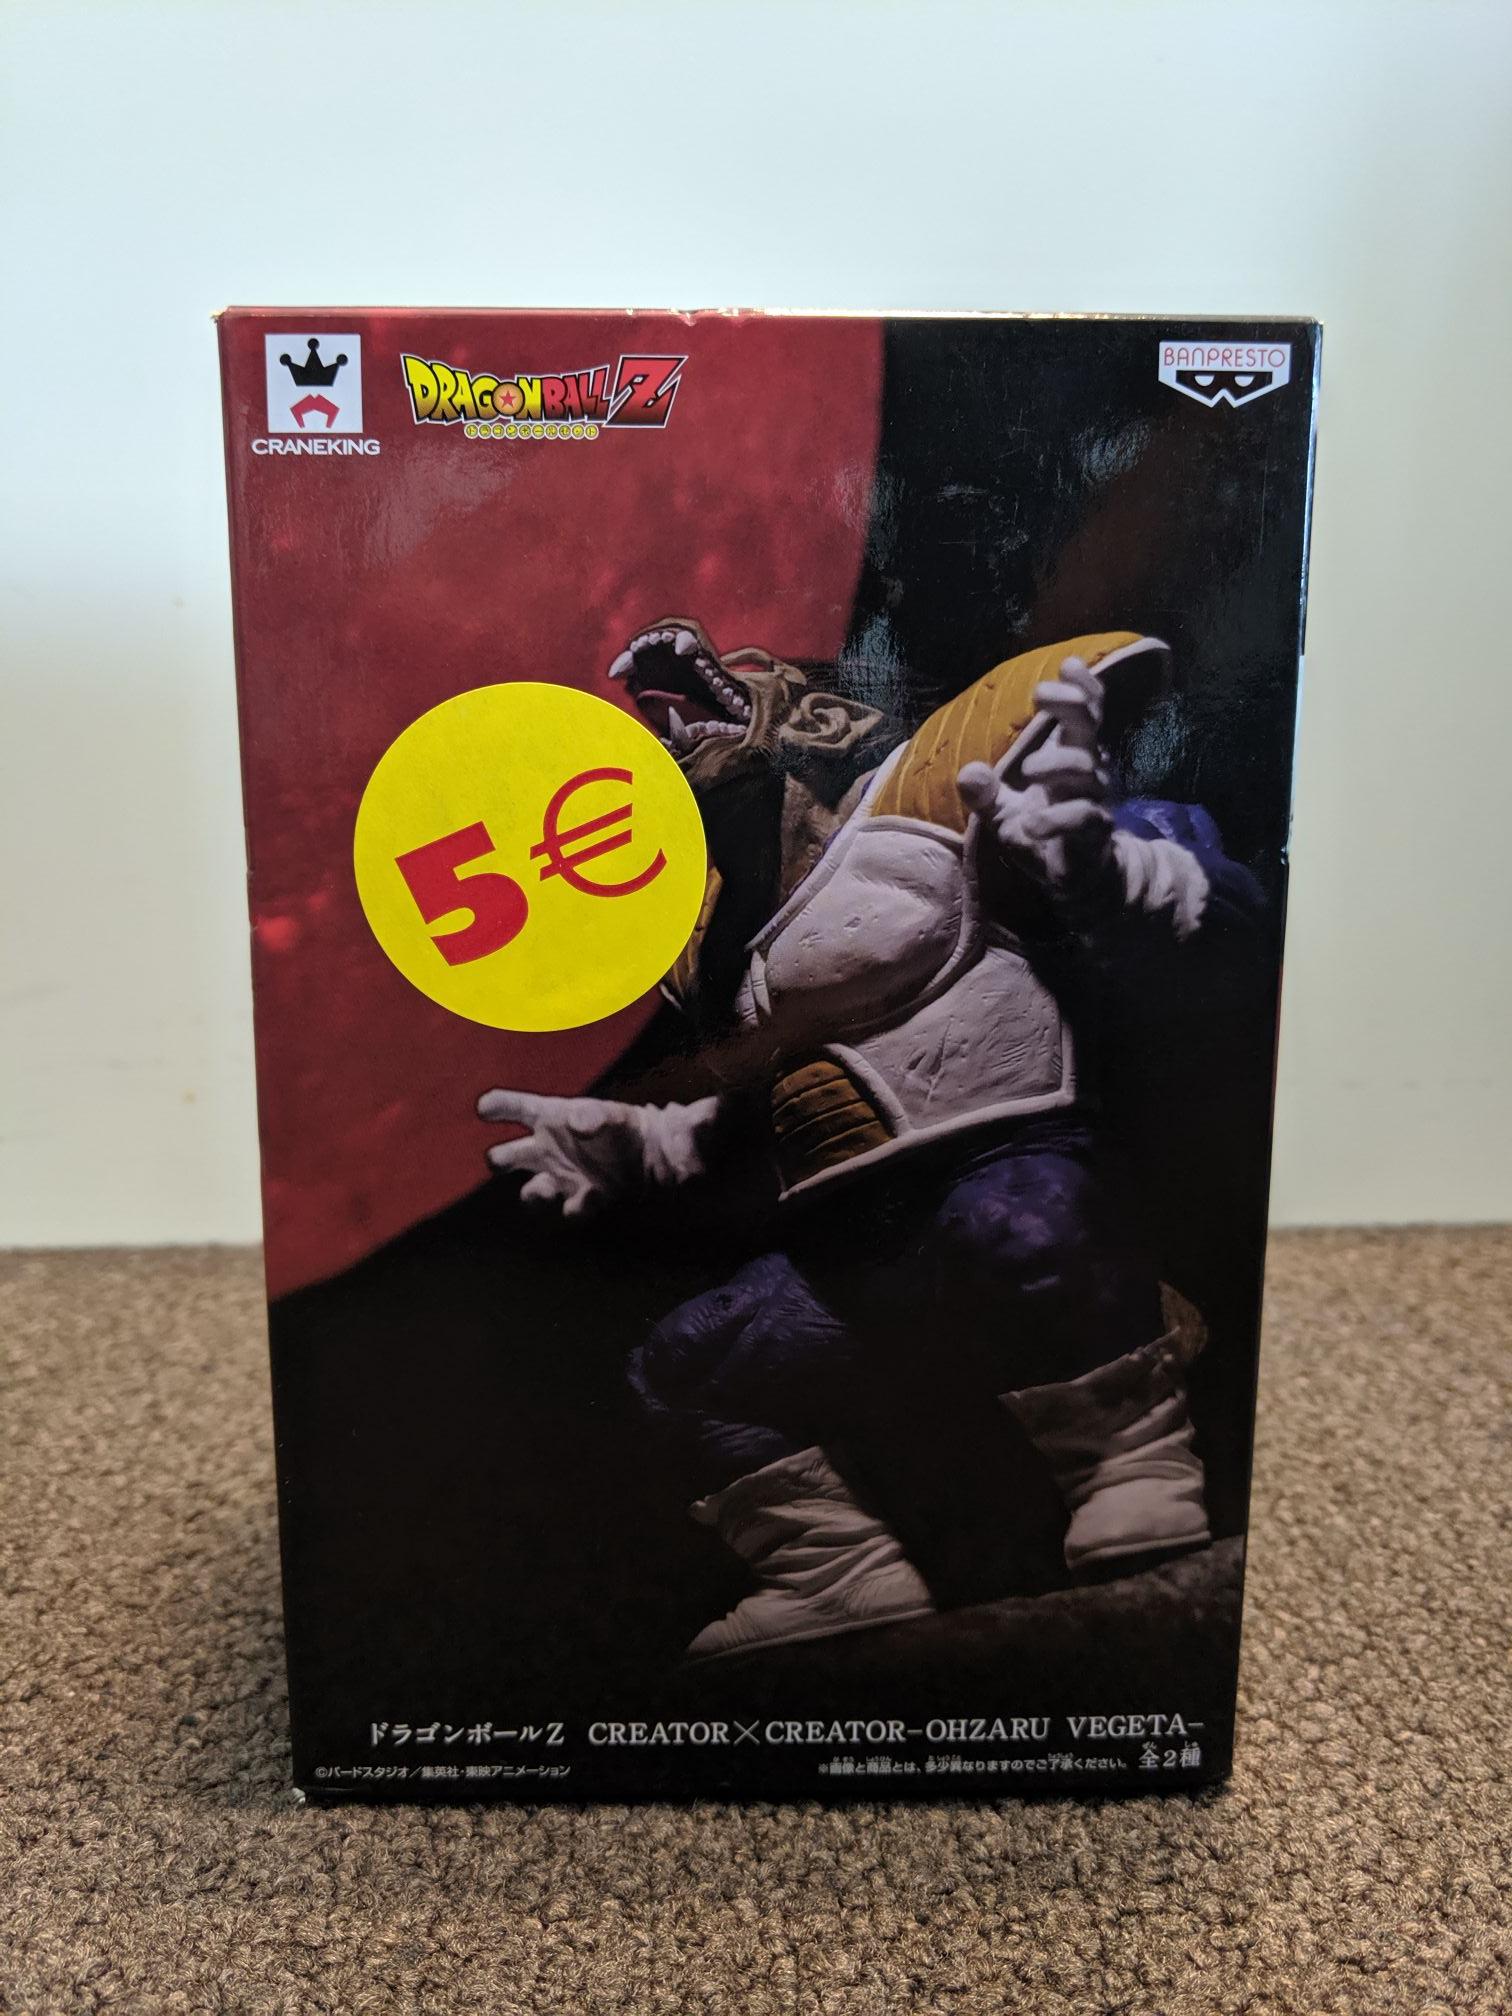 Sélection de figurines Banpresto à 5€ - CC La Vache Noire (94)